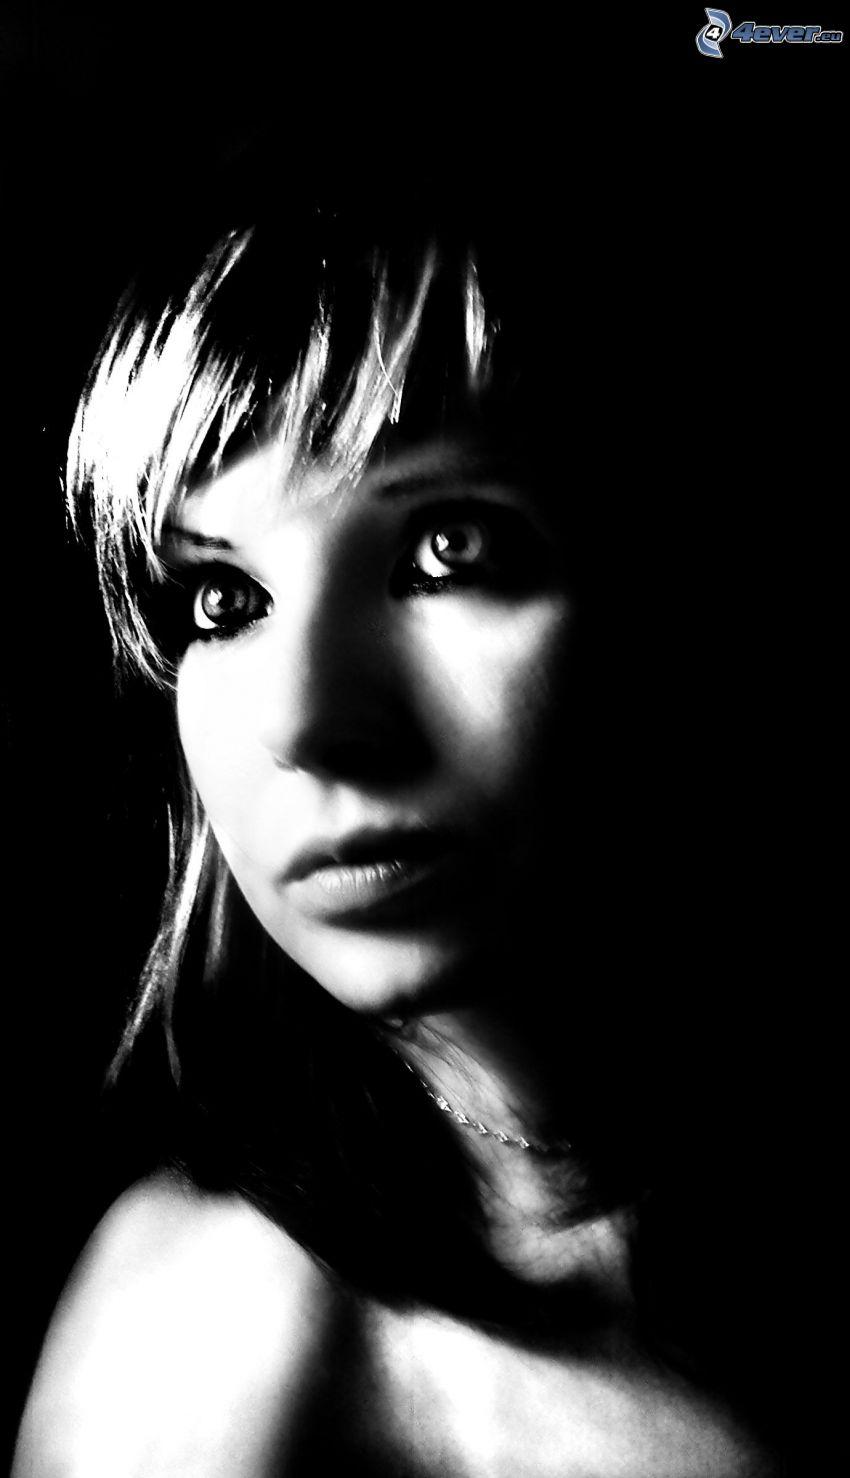 lány a sötétben, arc, sötétség, nyaklánc